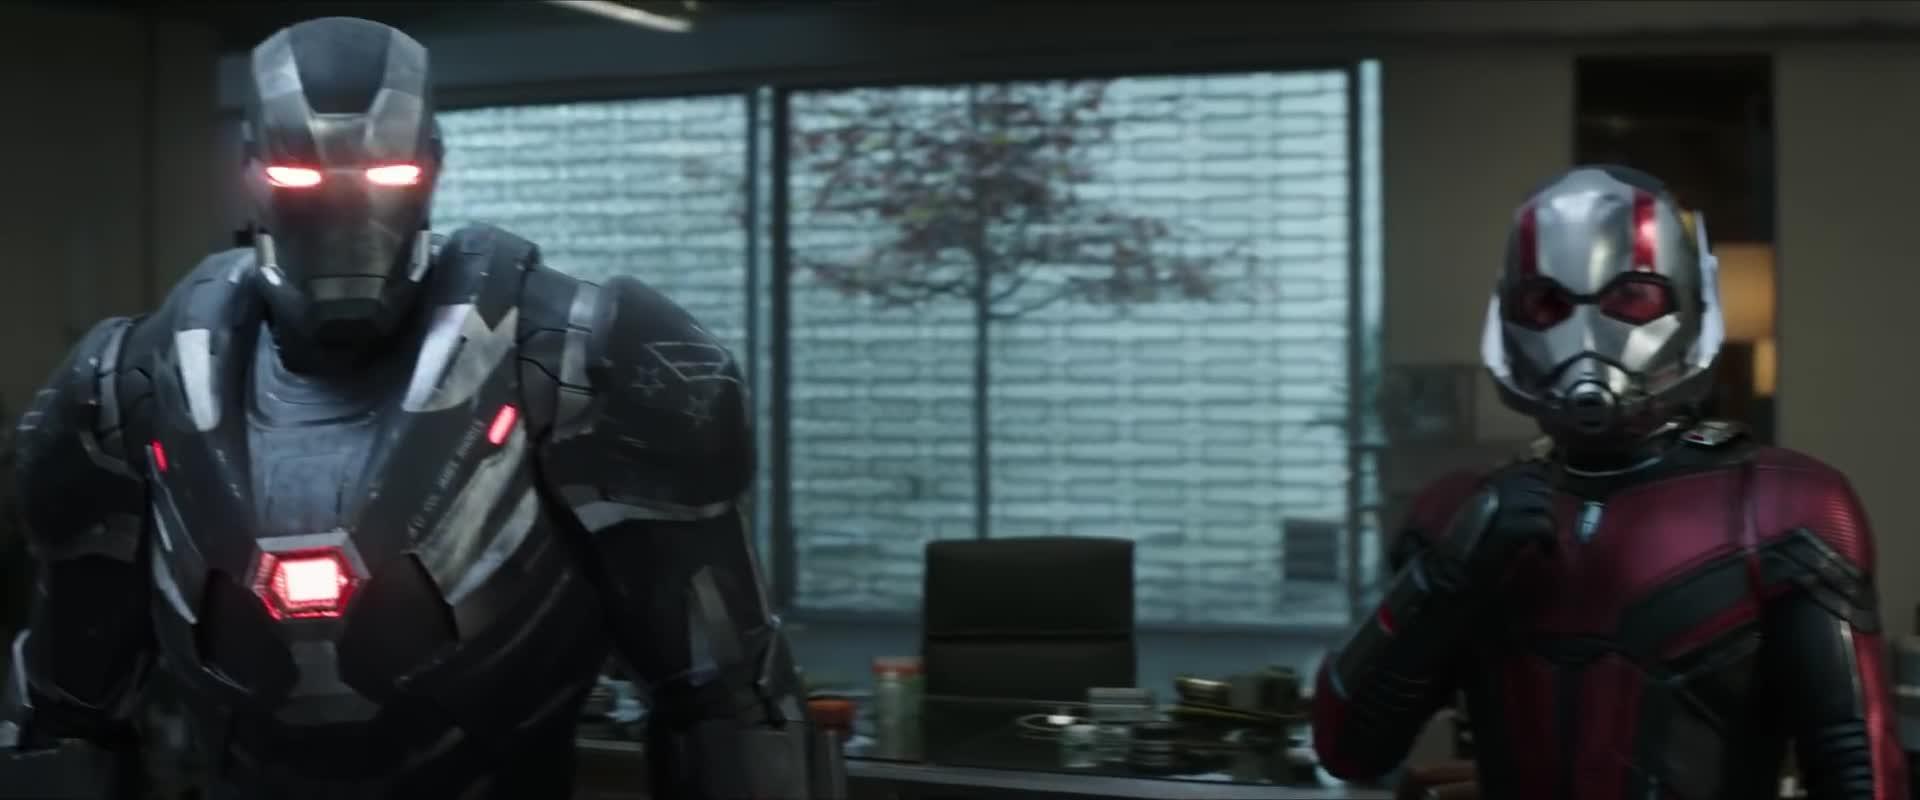 Werbespot, Kinofilm, Teaser, Disney, Marvel, Super Bowl, Avengers, Super Bowl 2019, Avengers: Endgame